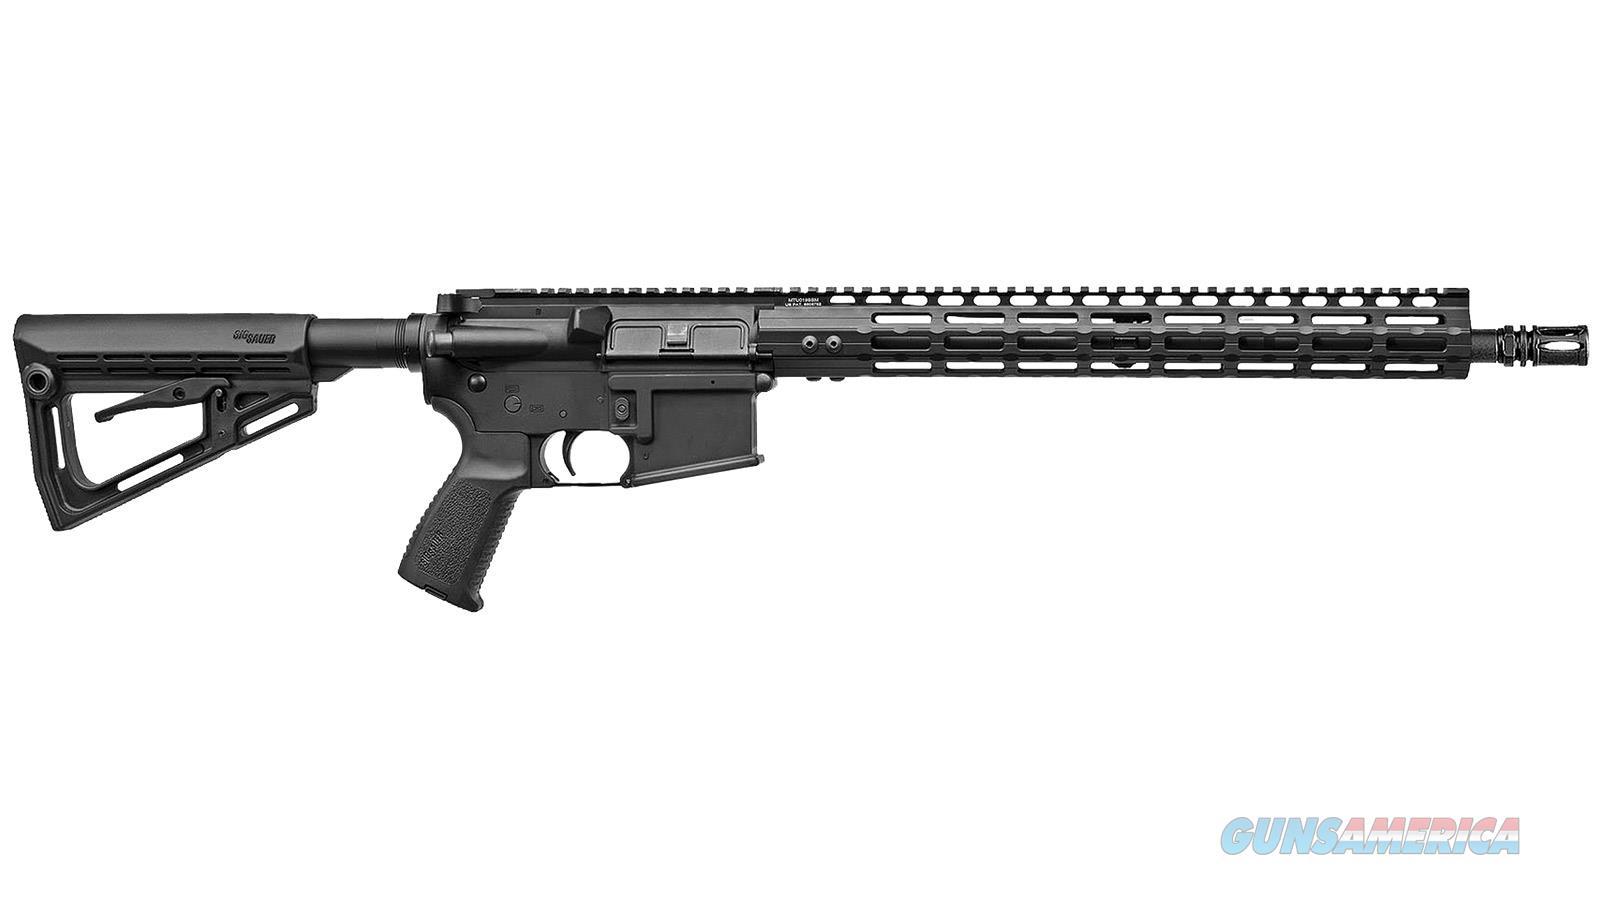 Sig Sauer M400 Elite 223Rem Nj Compliant 15Rd RM400-16B-E-NJ  Guns > Pistols > S Misc Pistols